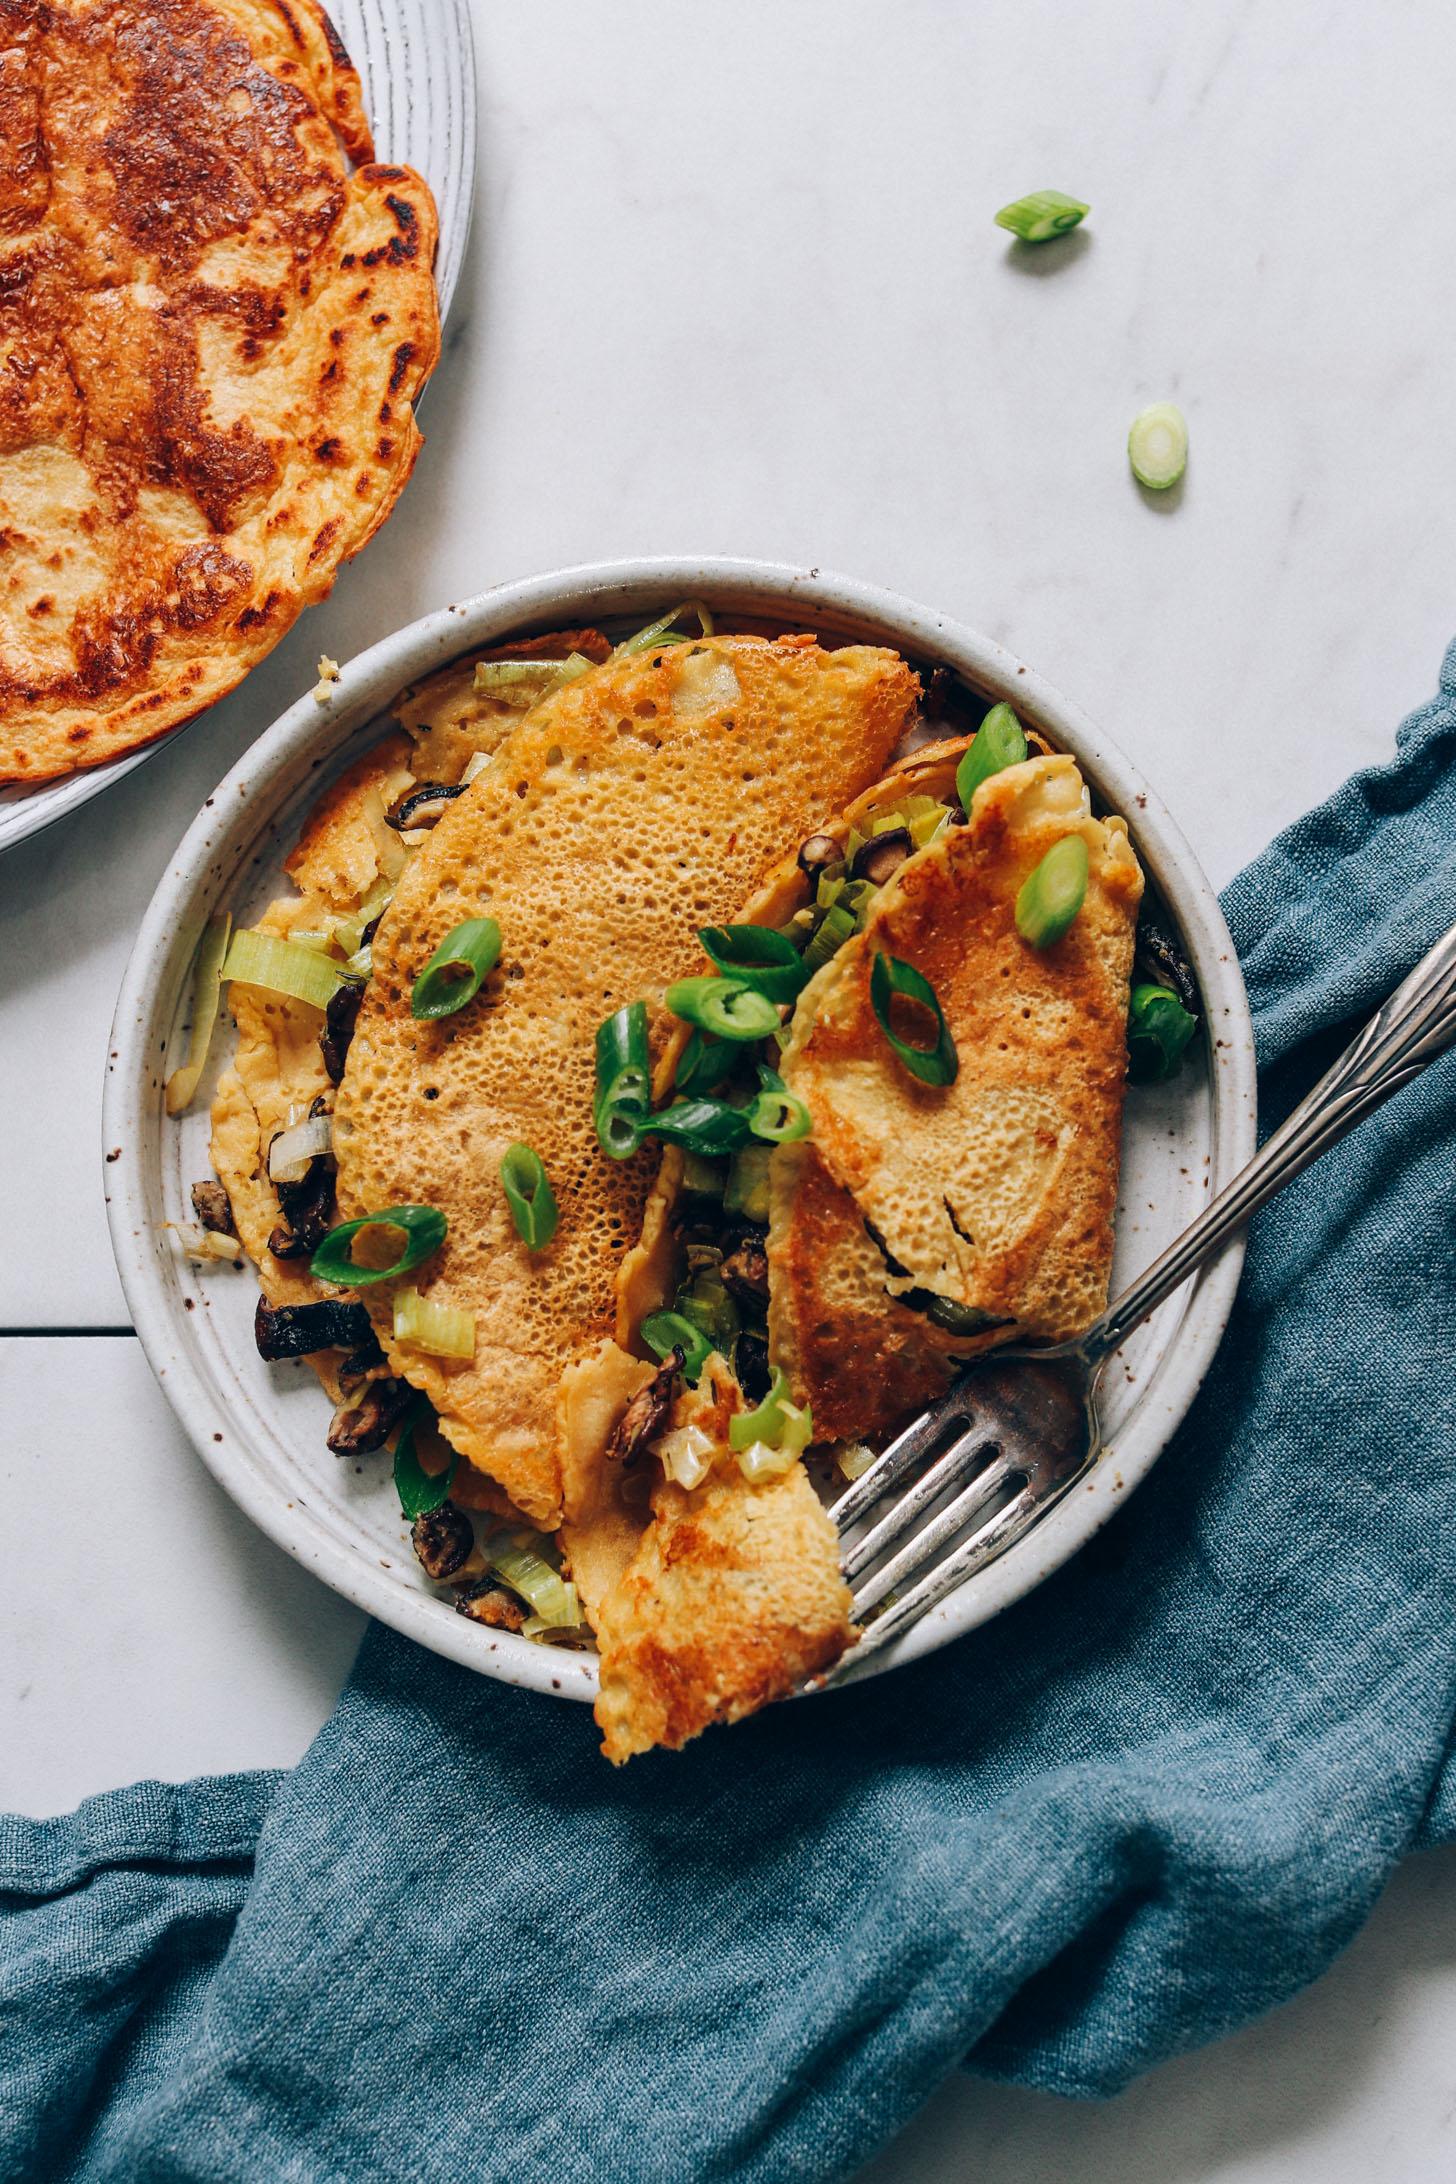 Fourchette posée sur une assiette de crêpes salées aux pois chiches